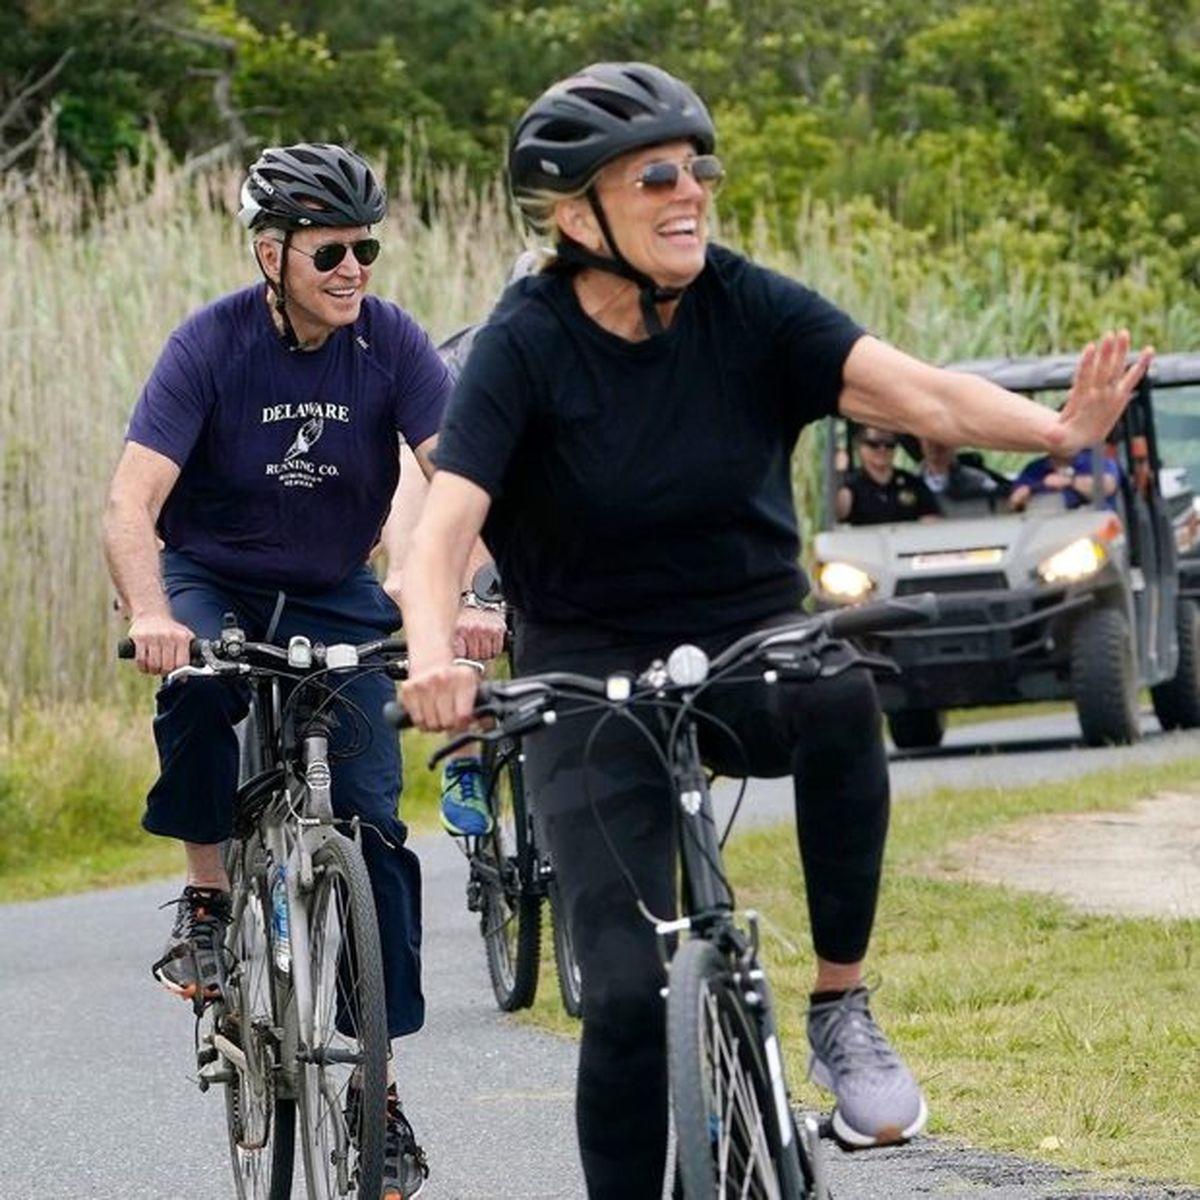 دوچرخهسواری آقای رئیس جمهور و همسرش!+ تصاویر